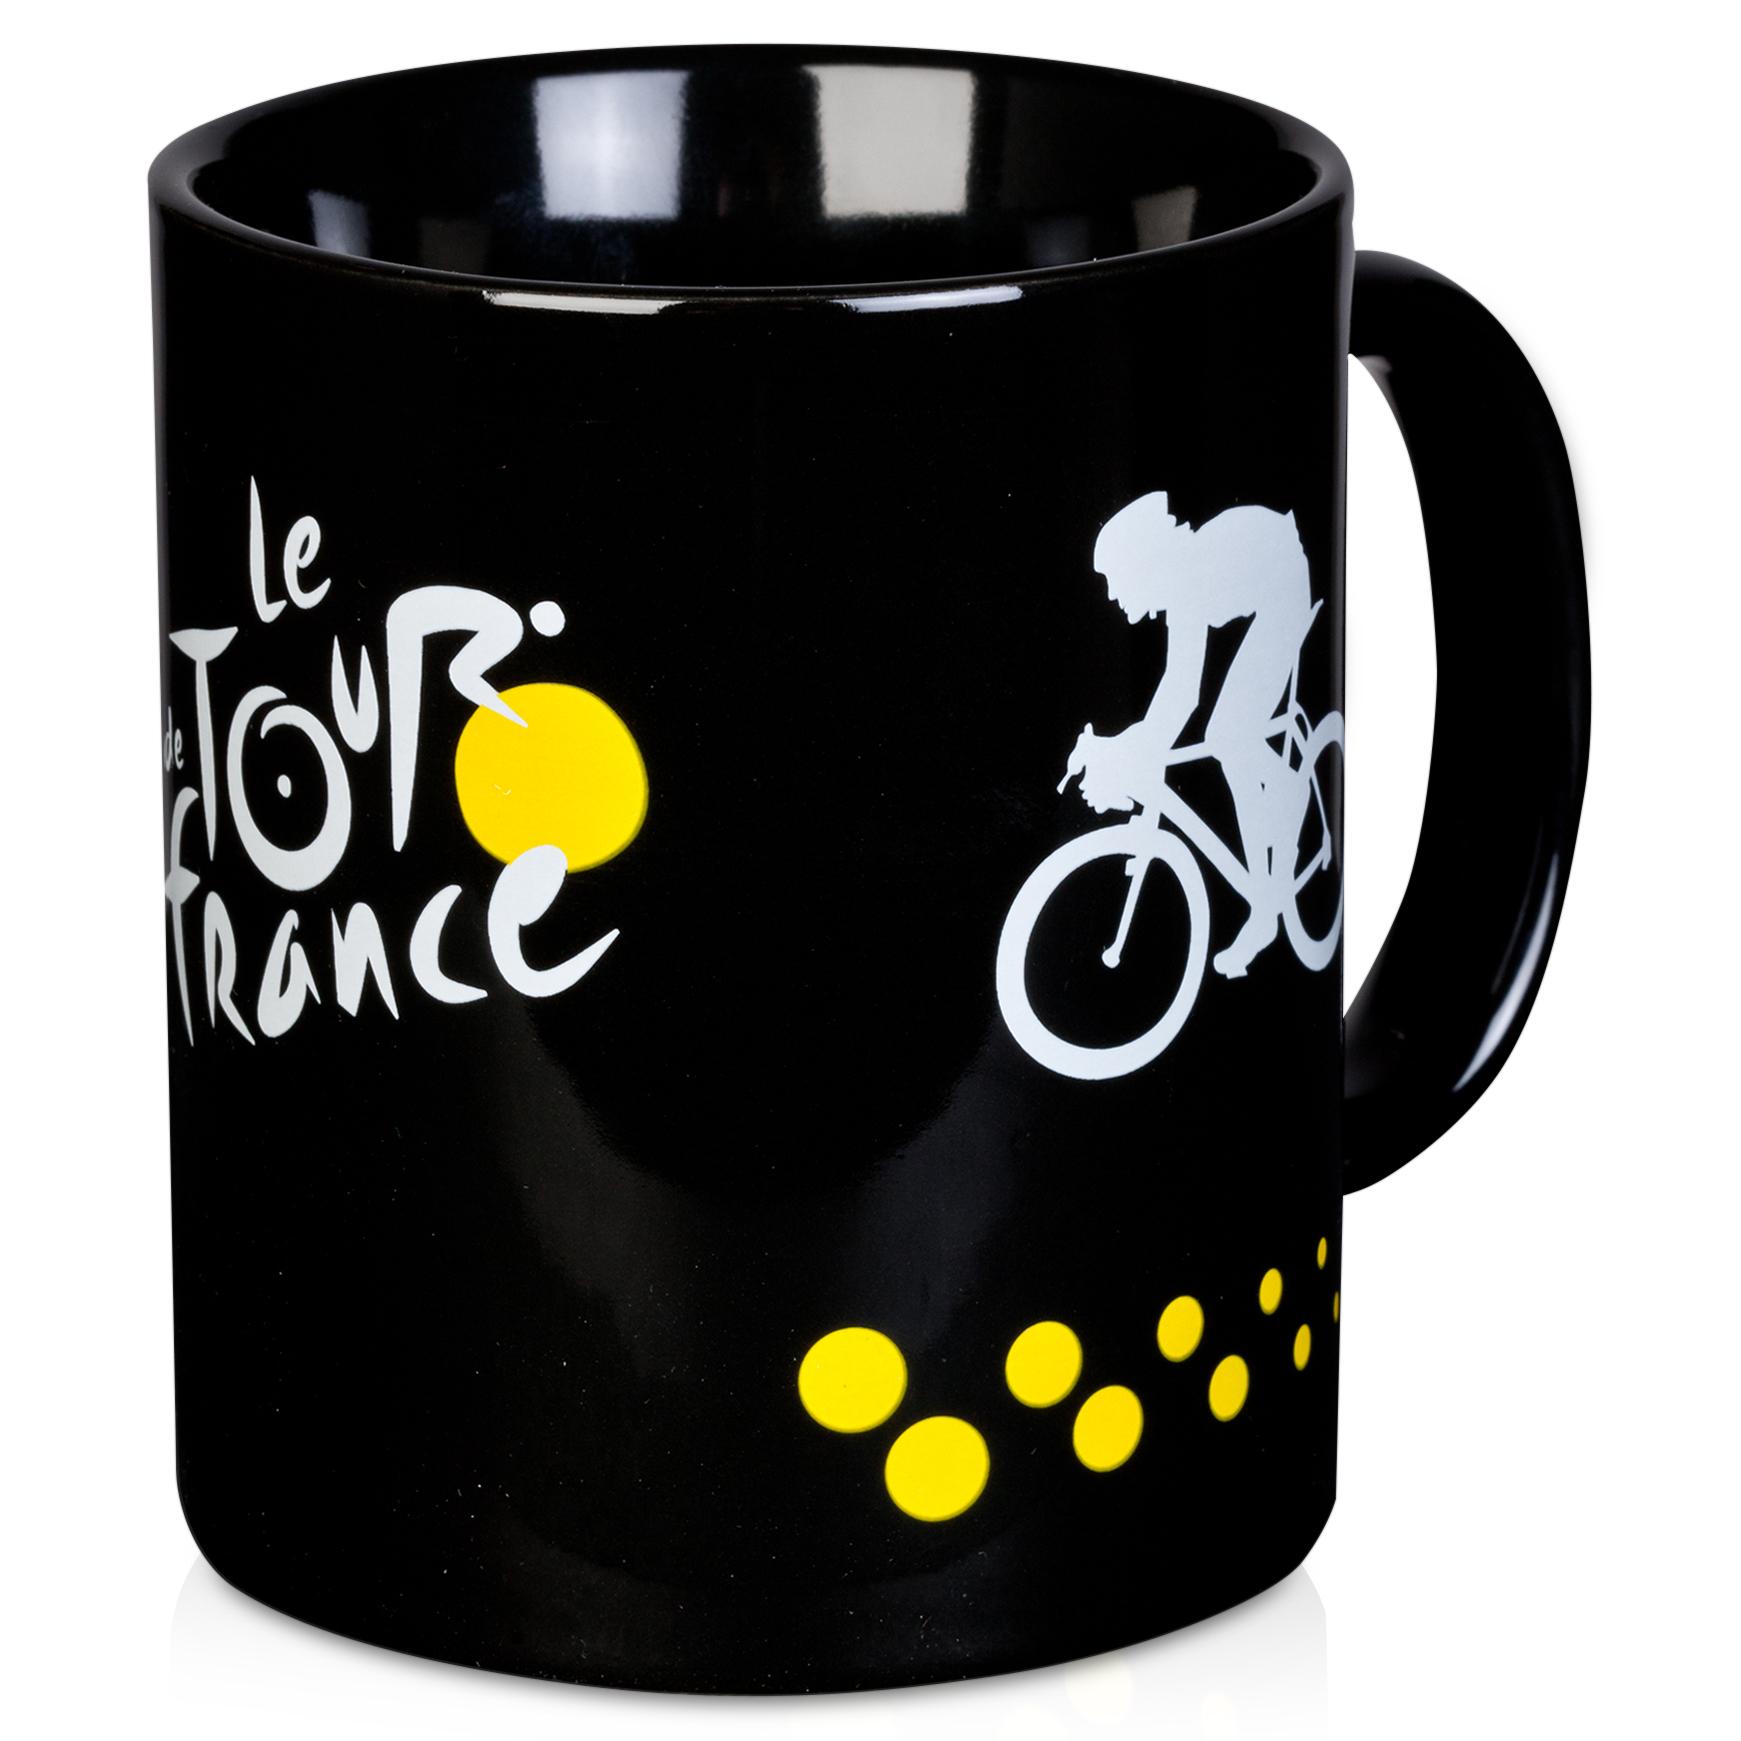 Le Tour de France Logo Mug